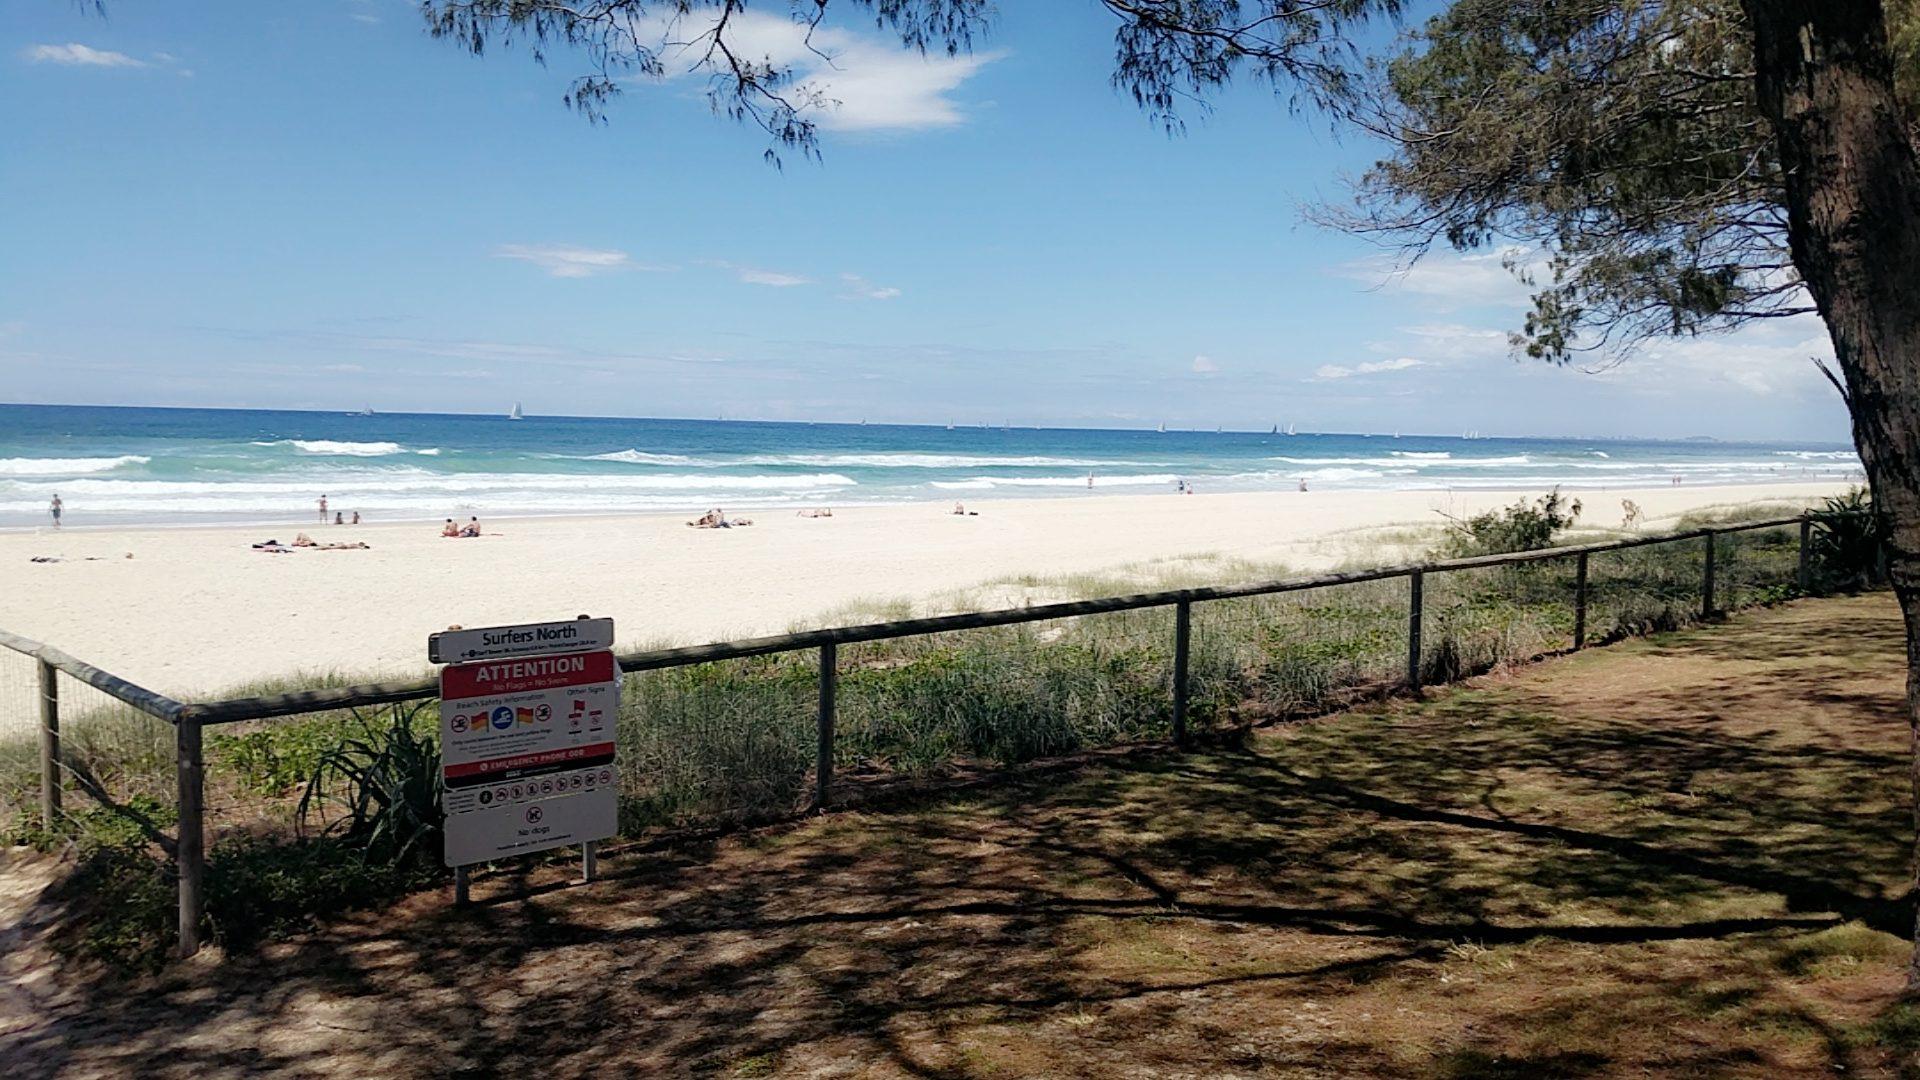 surfers paradise public beach